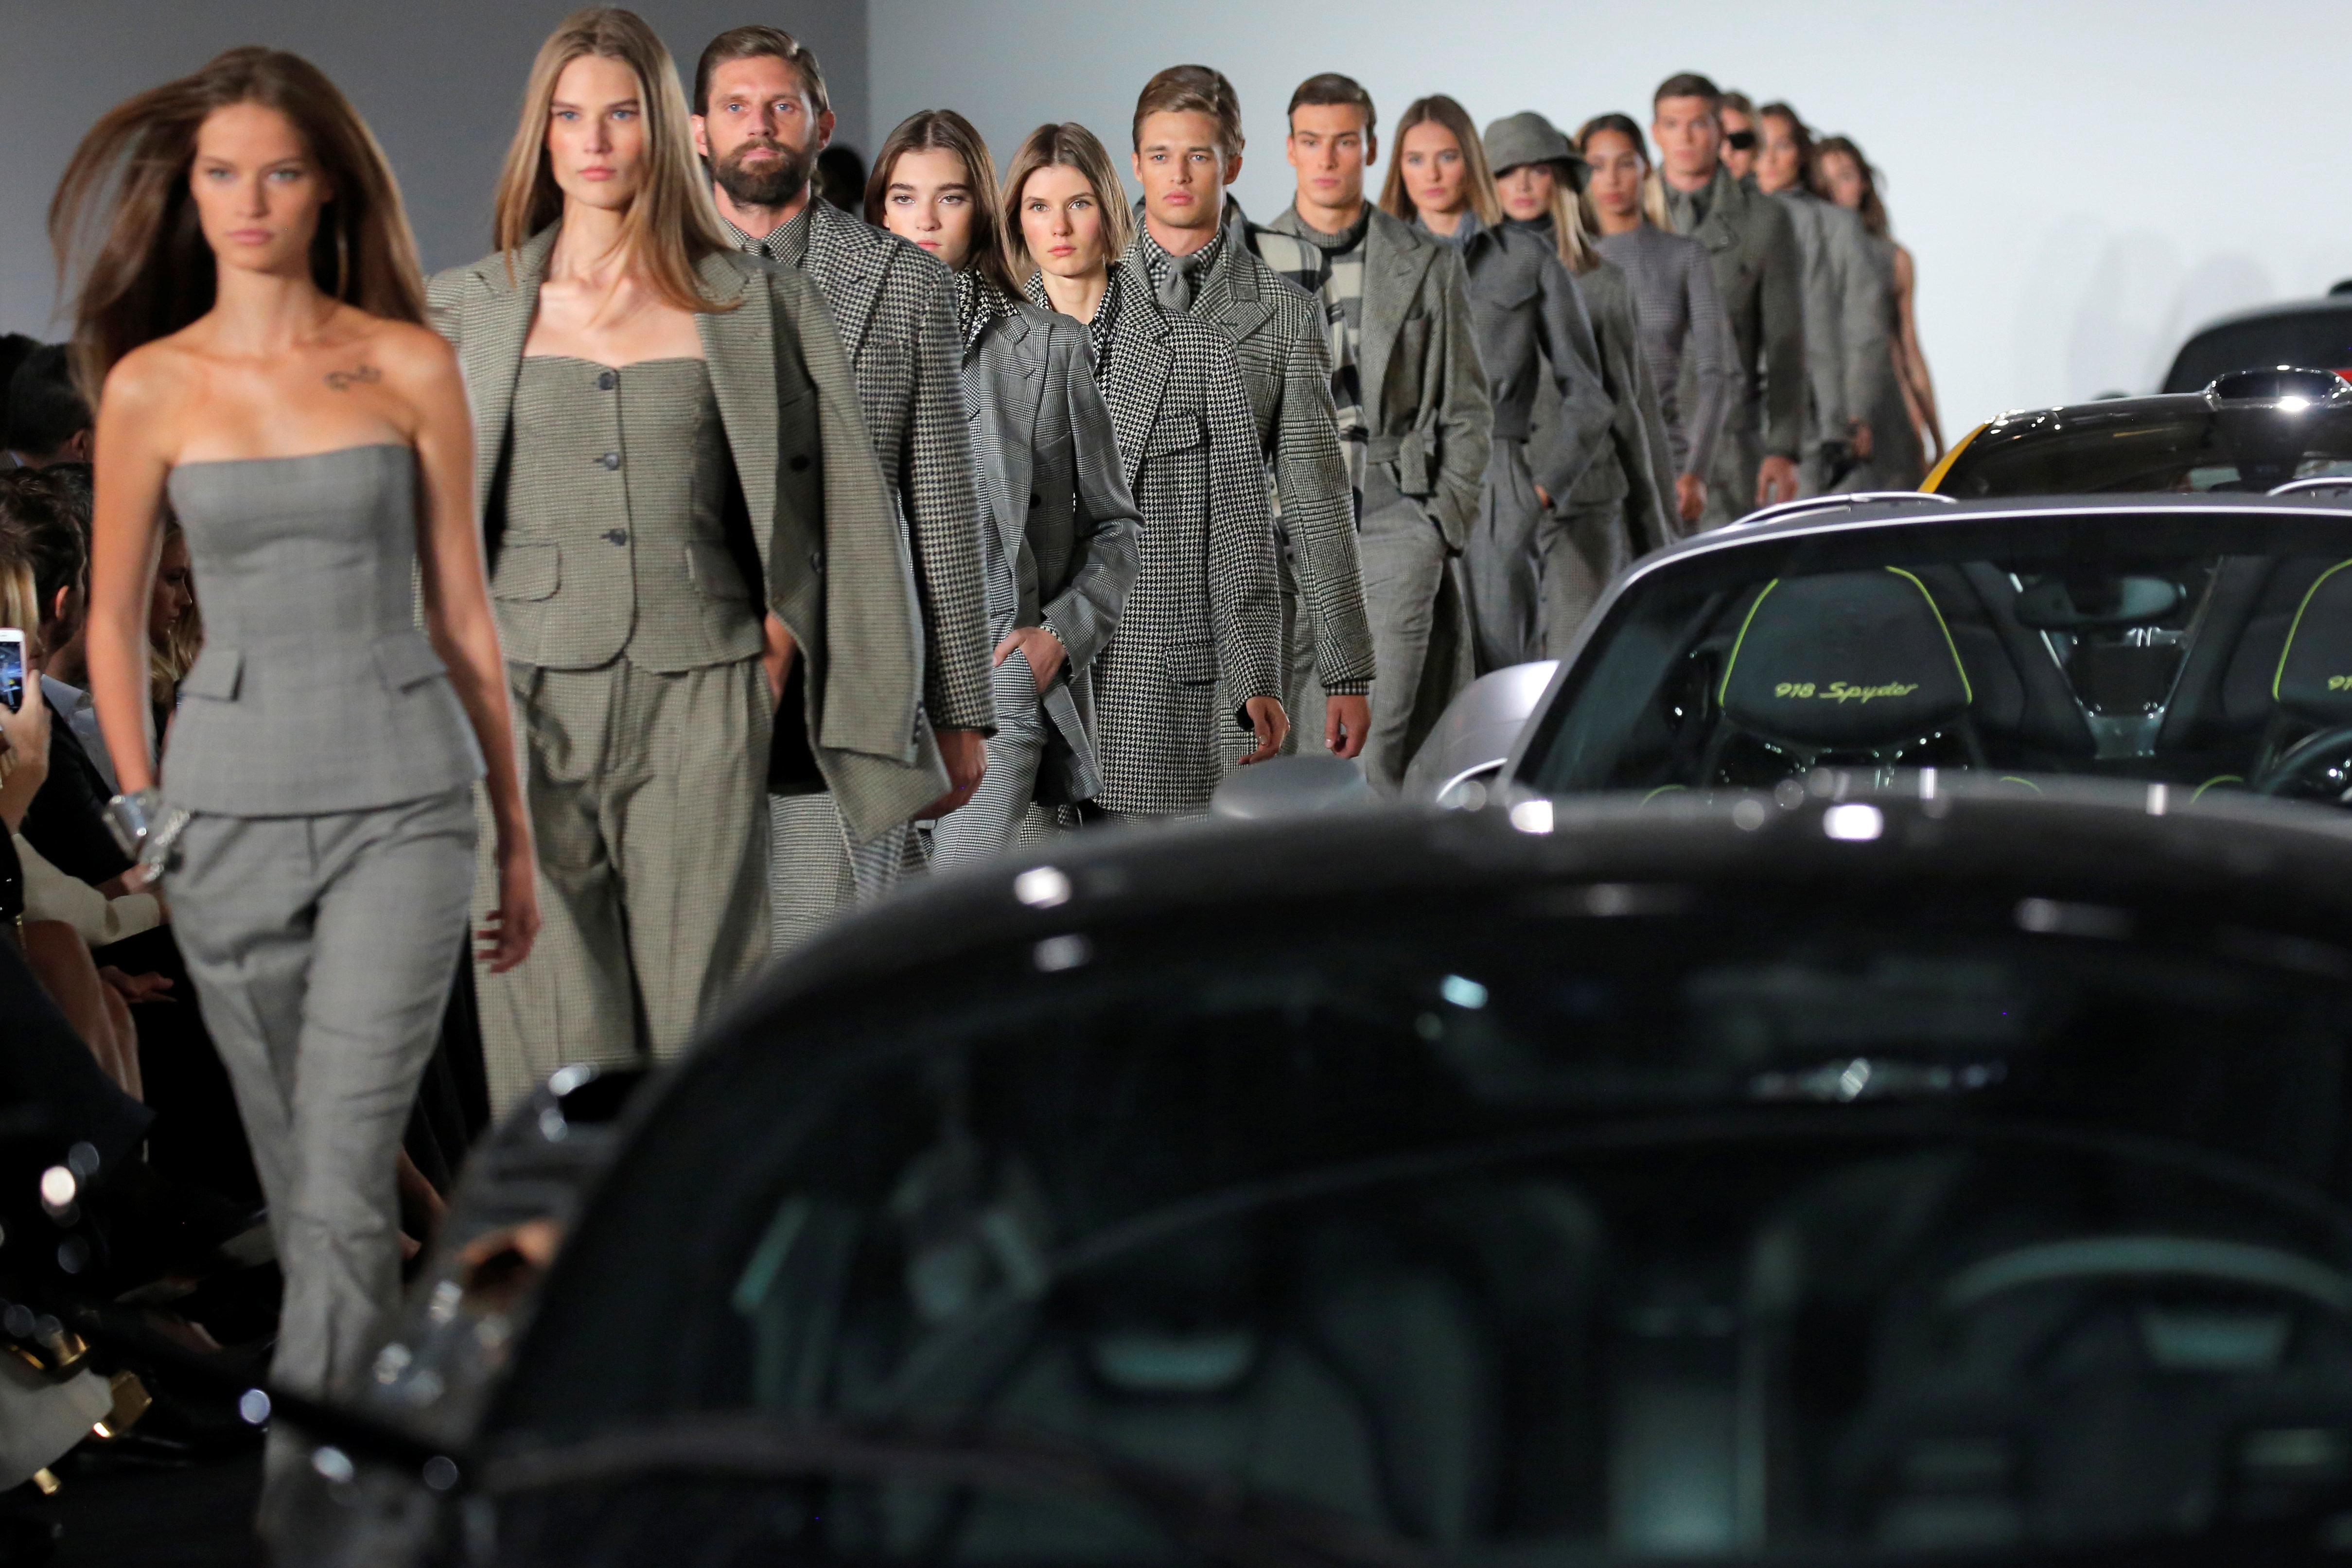 Εβδομάδα Μόδας Νέας Υόρκης: Για πρώτη φορά μαζί τα ανδρικά και τα γυναικεία